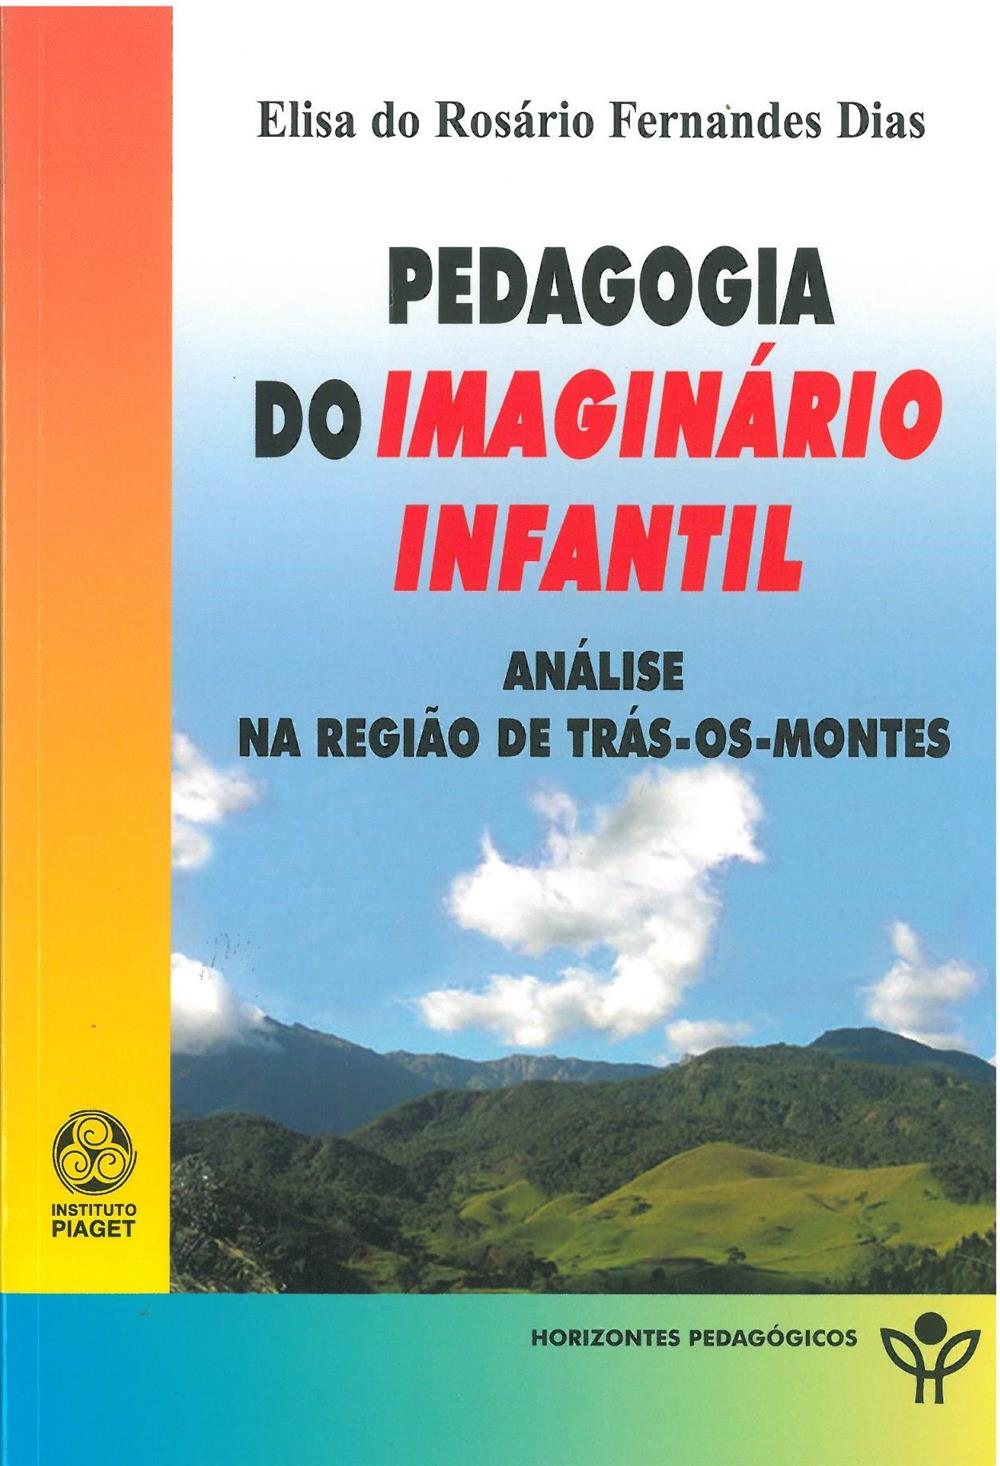 Pedagofia do imaginário infantil_.jpg